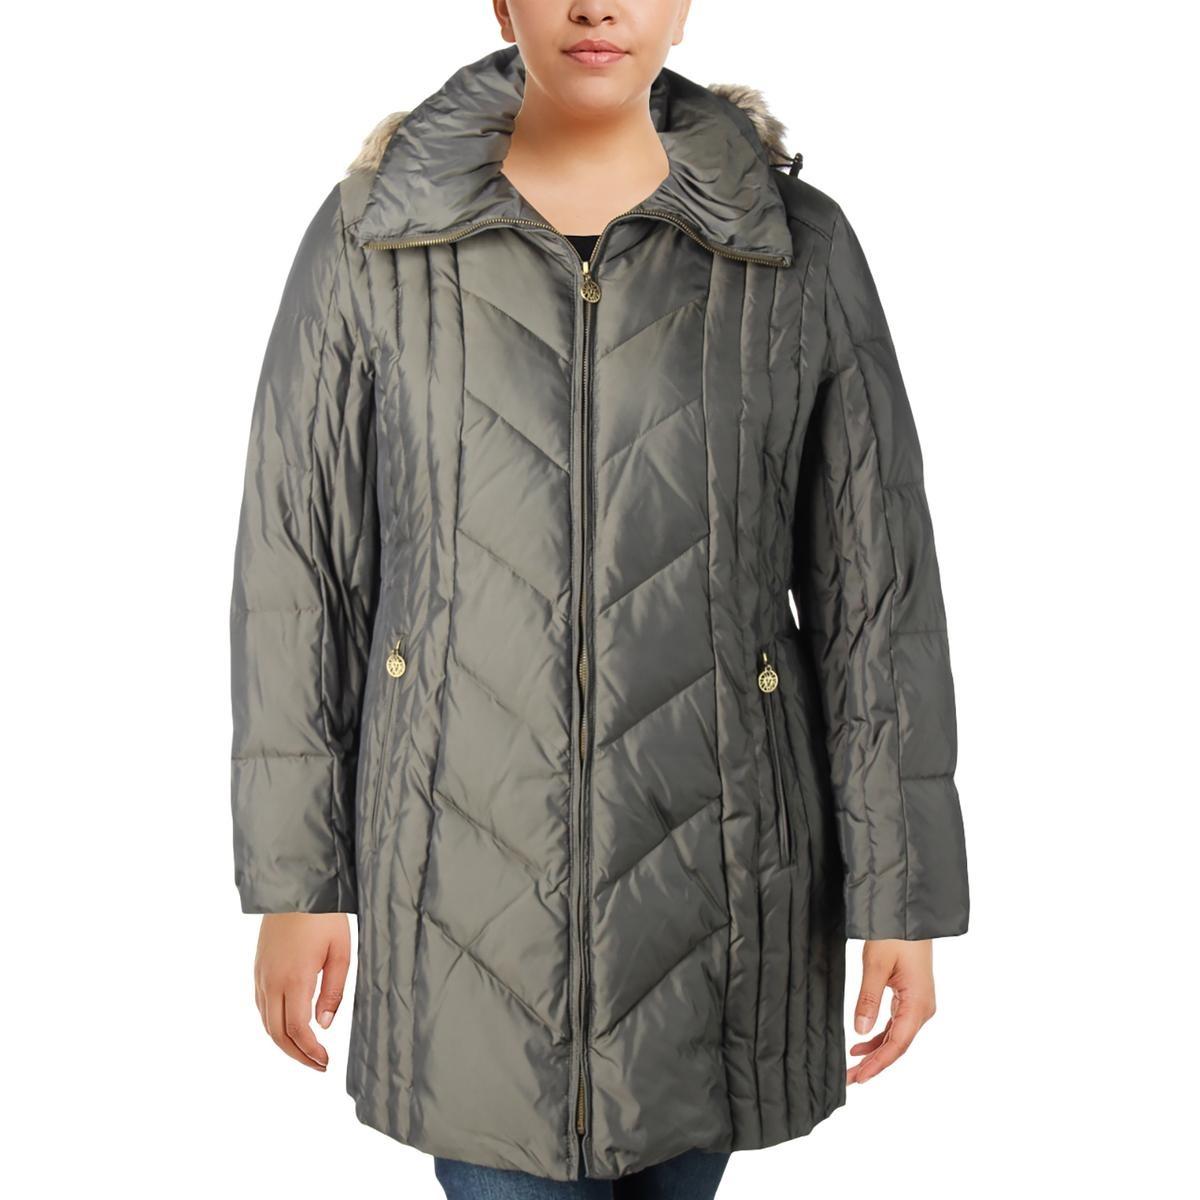 c9bf0268dd5 anne klein para mujer invierno abajo globo parka chaqueta. Cargando zoom.